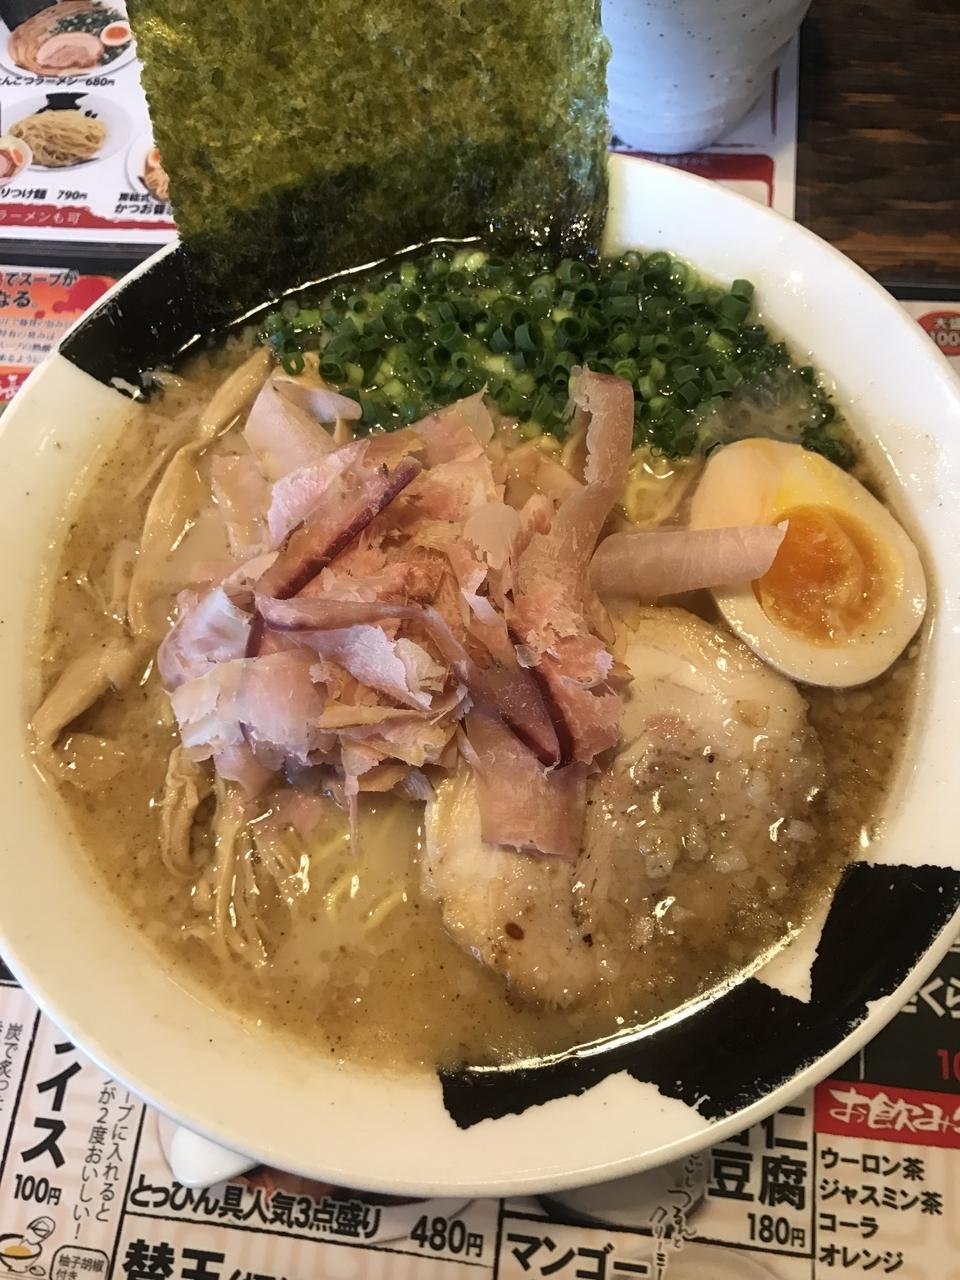 今日はどのラーメンを食べに行く?木更津でオススメのラーメン屋5選!